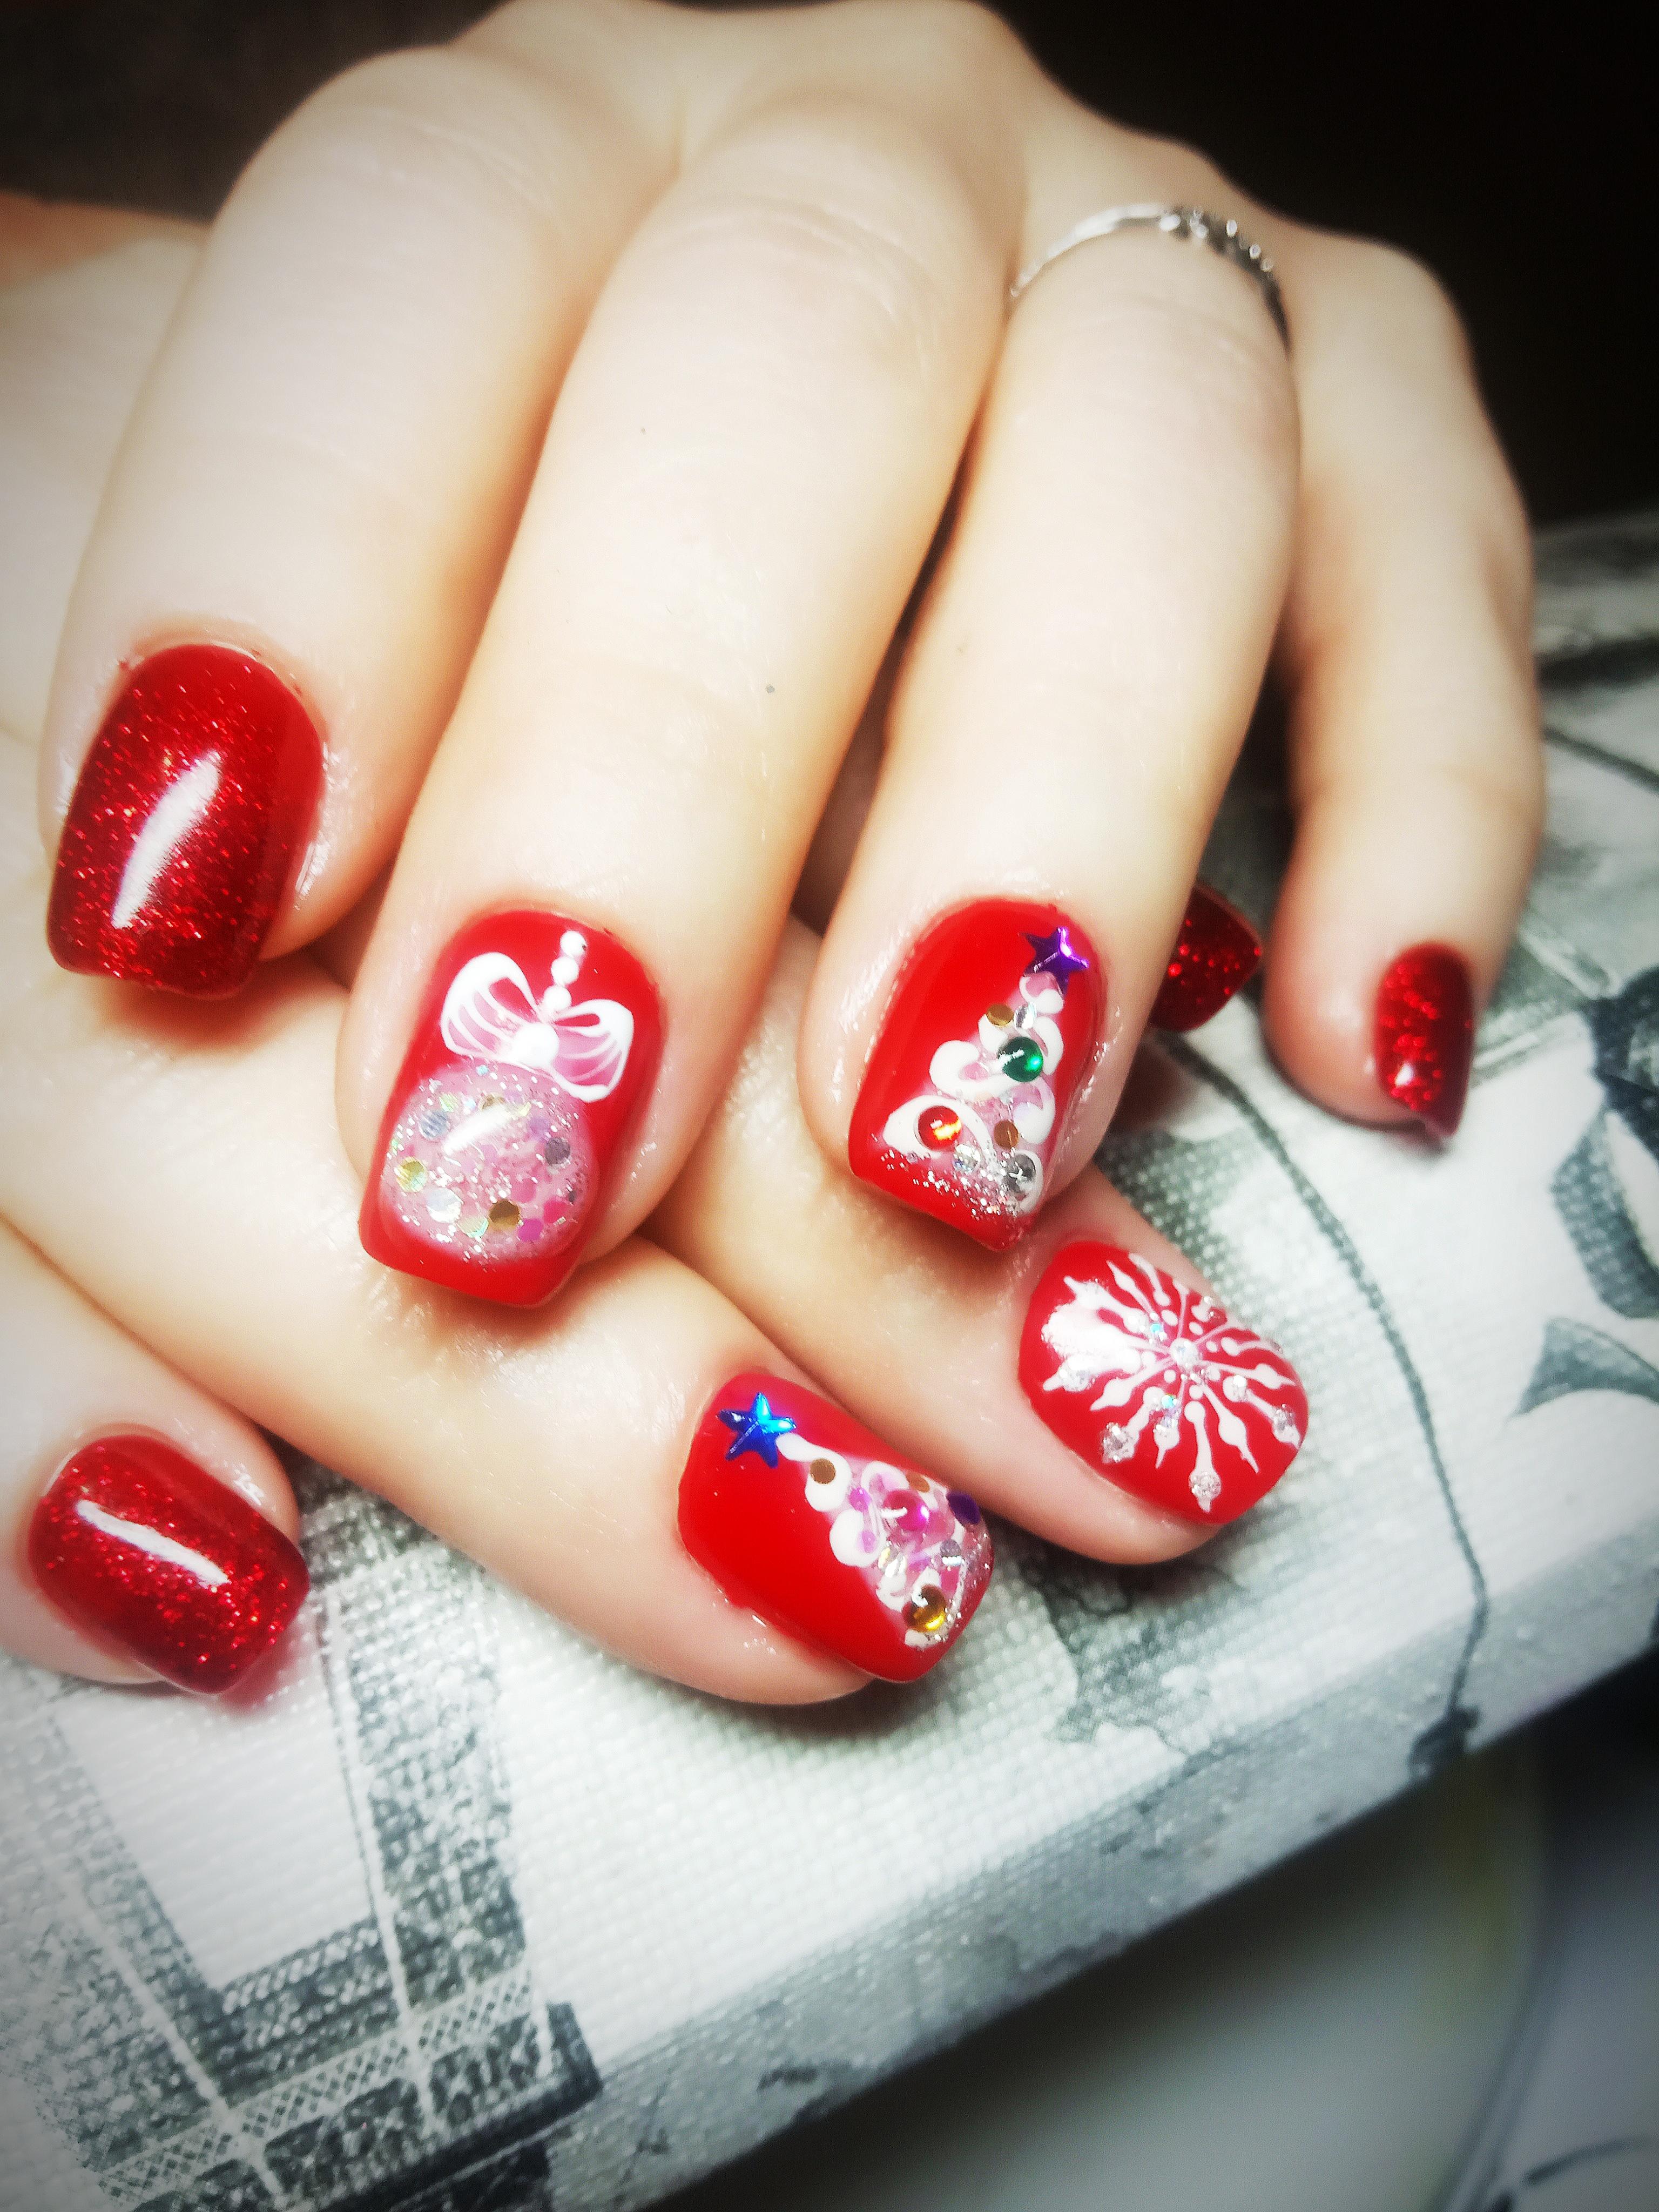 Праздничный маникюр в красном цвете с новогодними рисунками, камифубуки, стразами и блёстками.